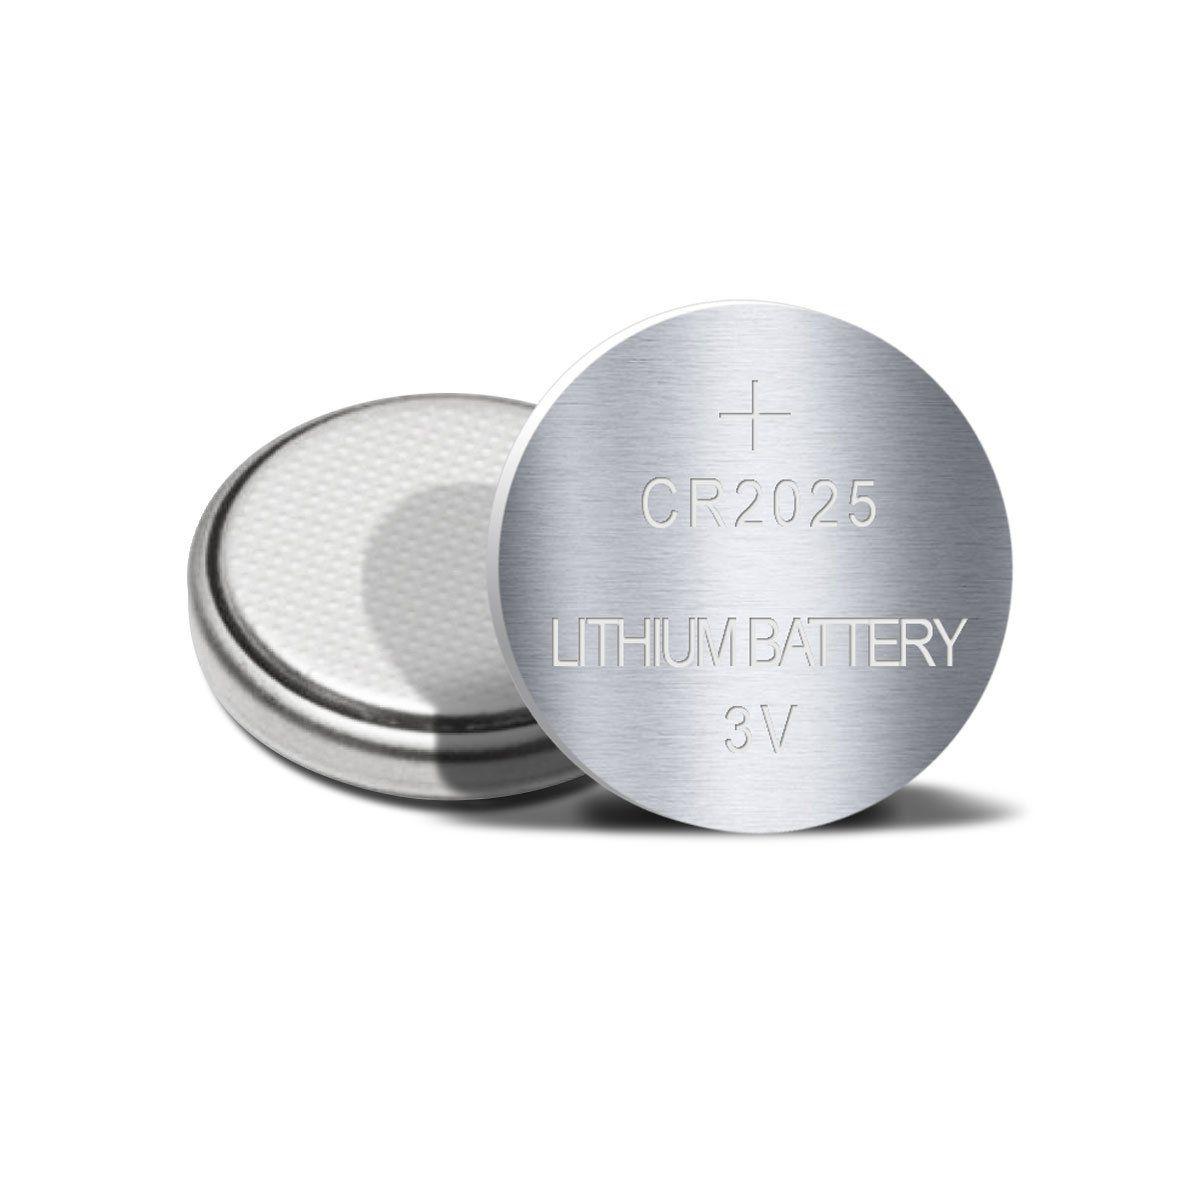 Bateria de Lítio Elgin CR2025 3V